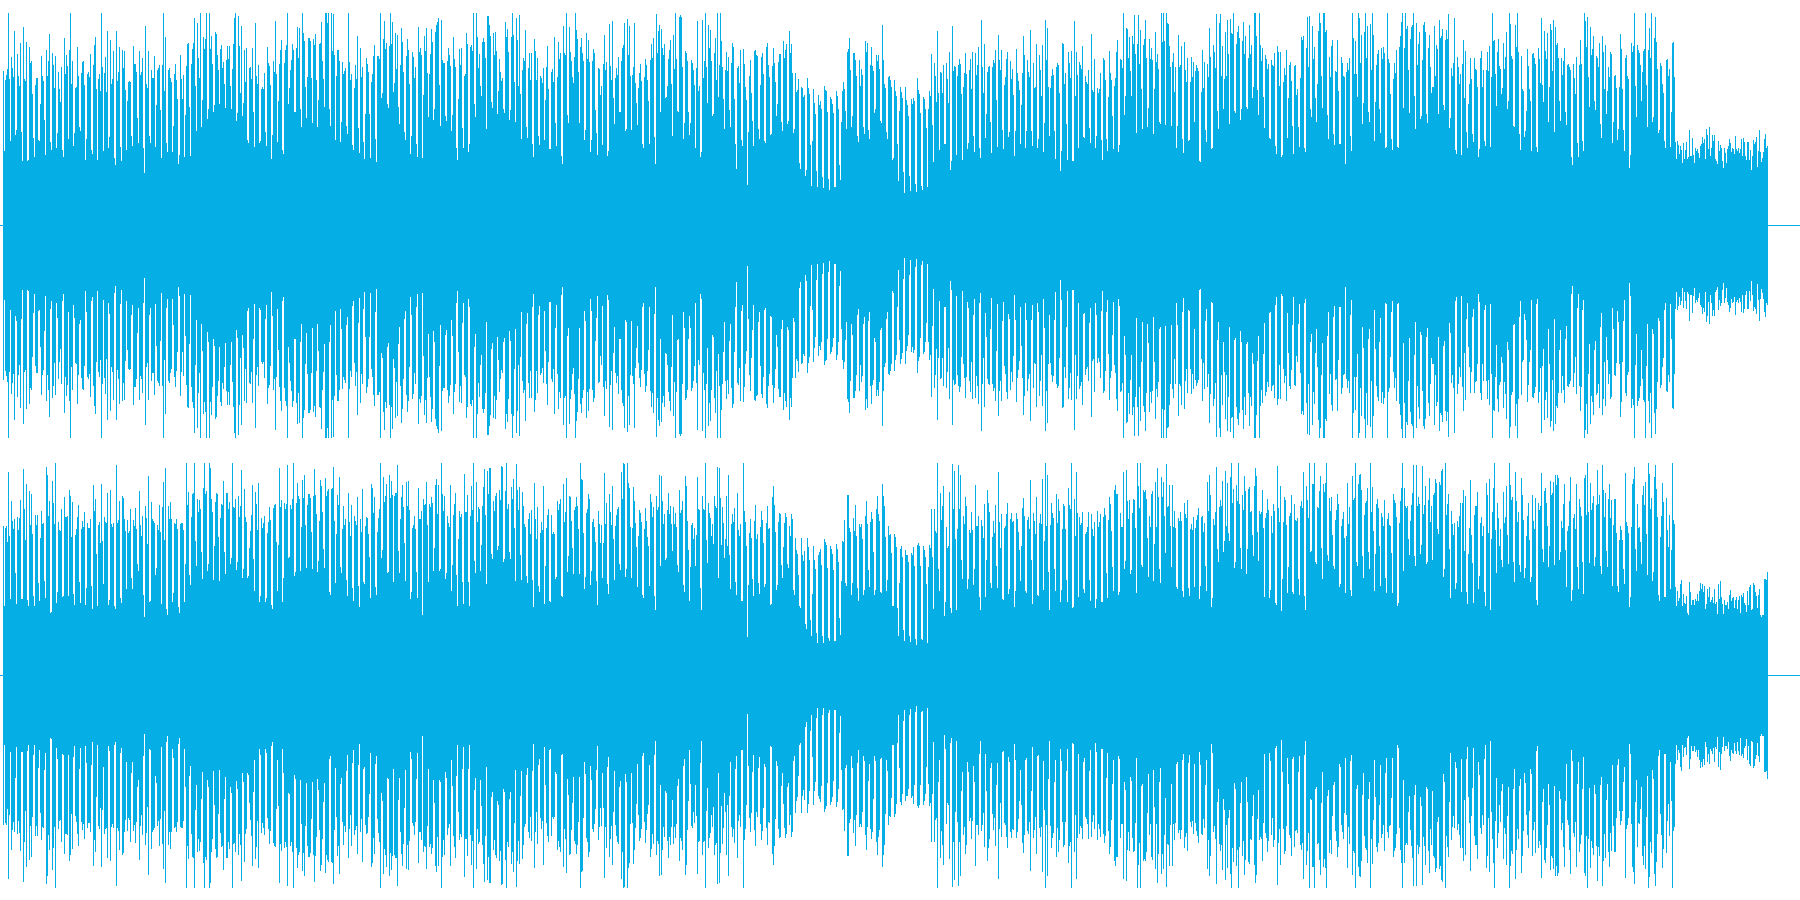 疾走感のあるテクノ調シンセサイザー曲の再生済みの波形